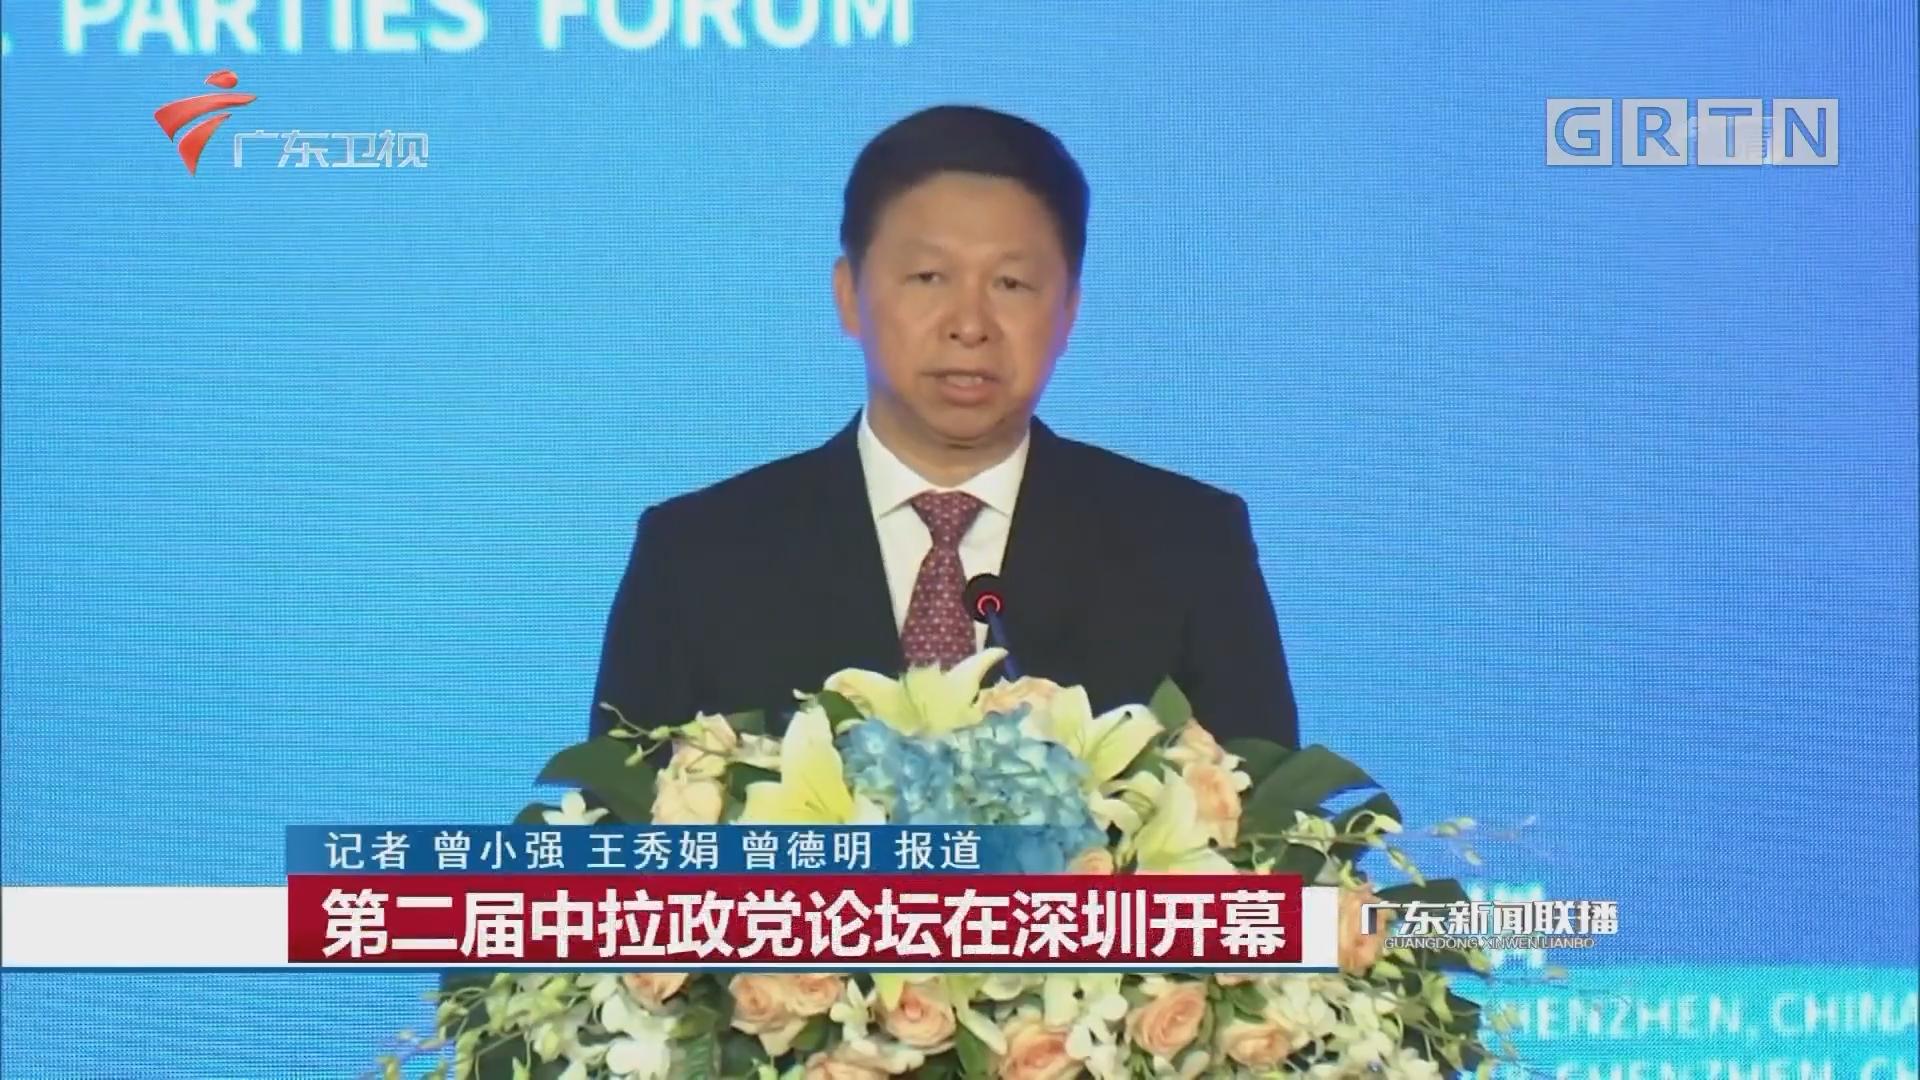 第二届中拉政党论坛在深圳开幕